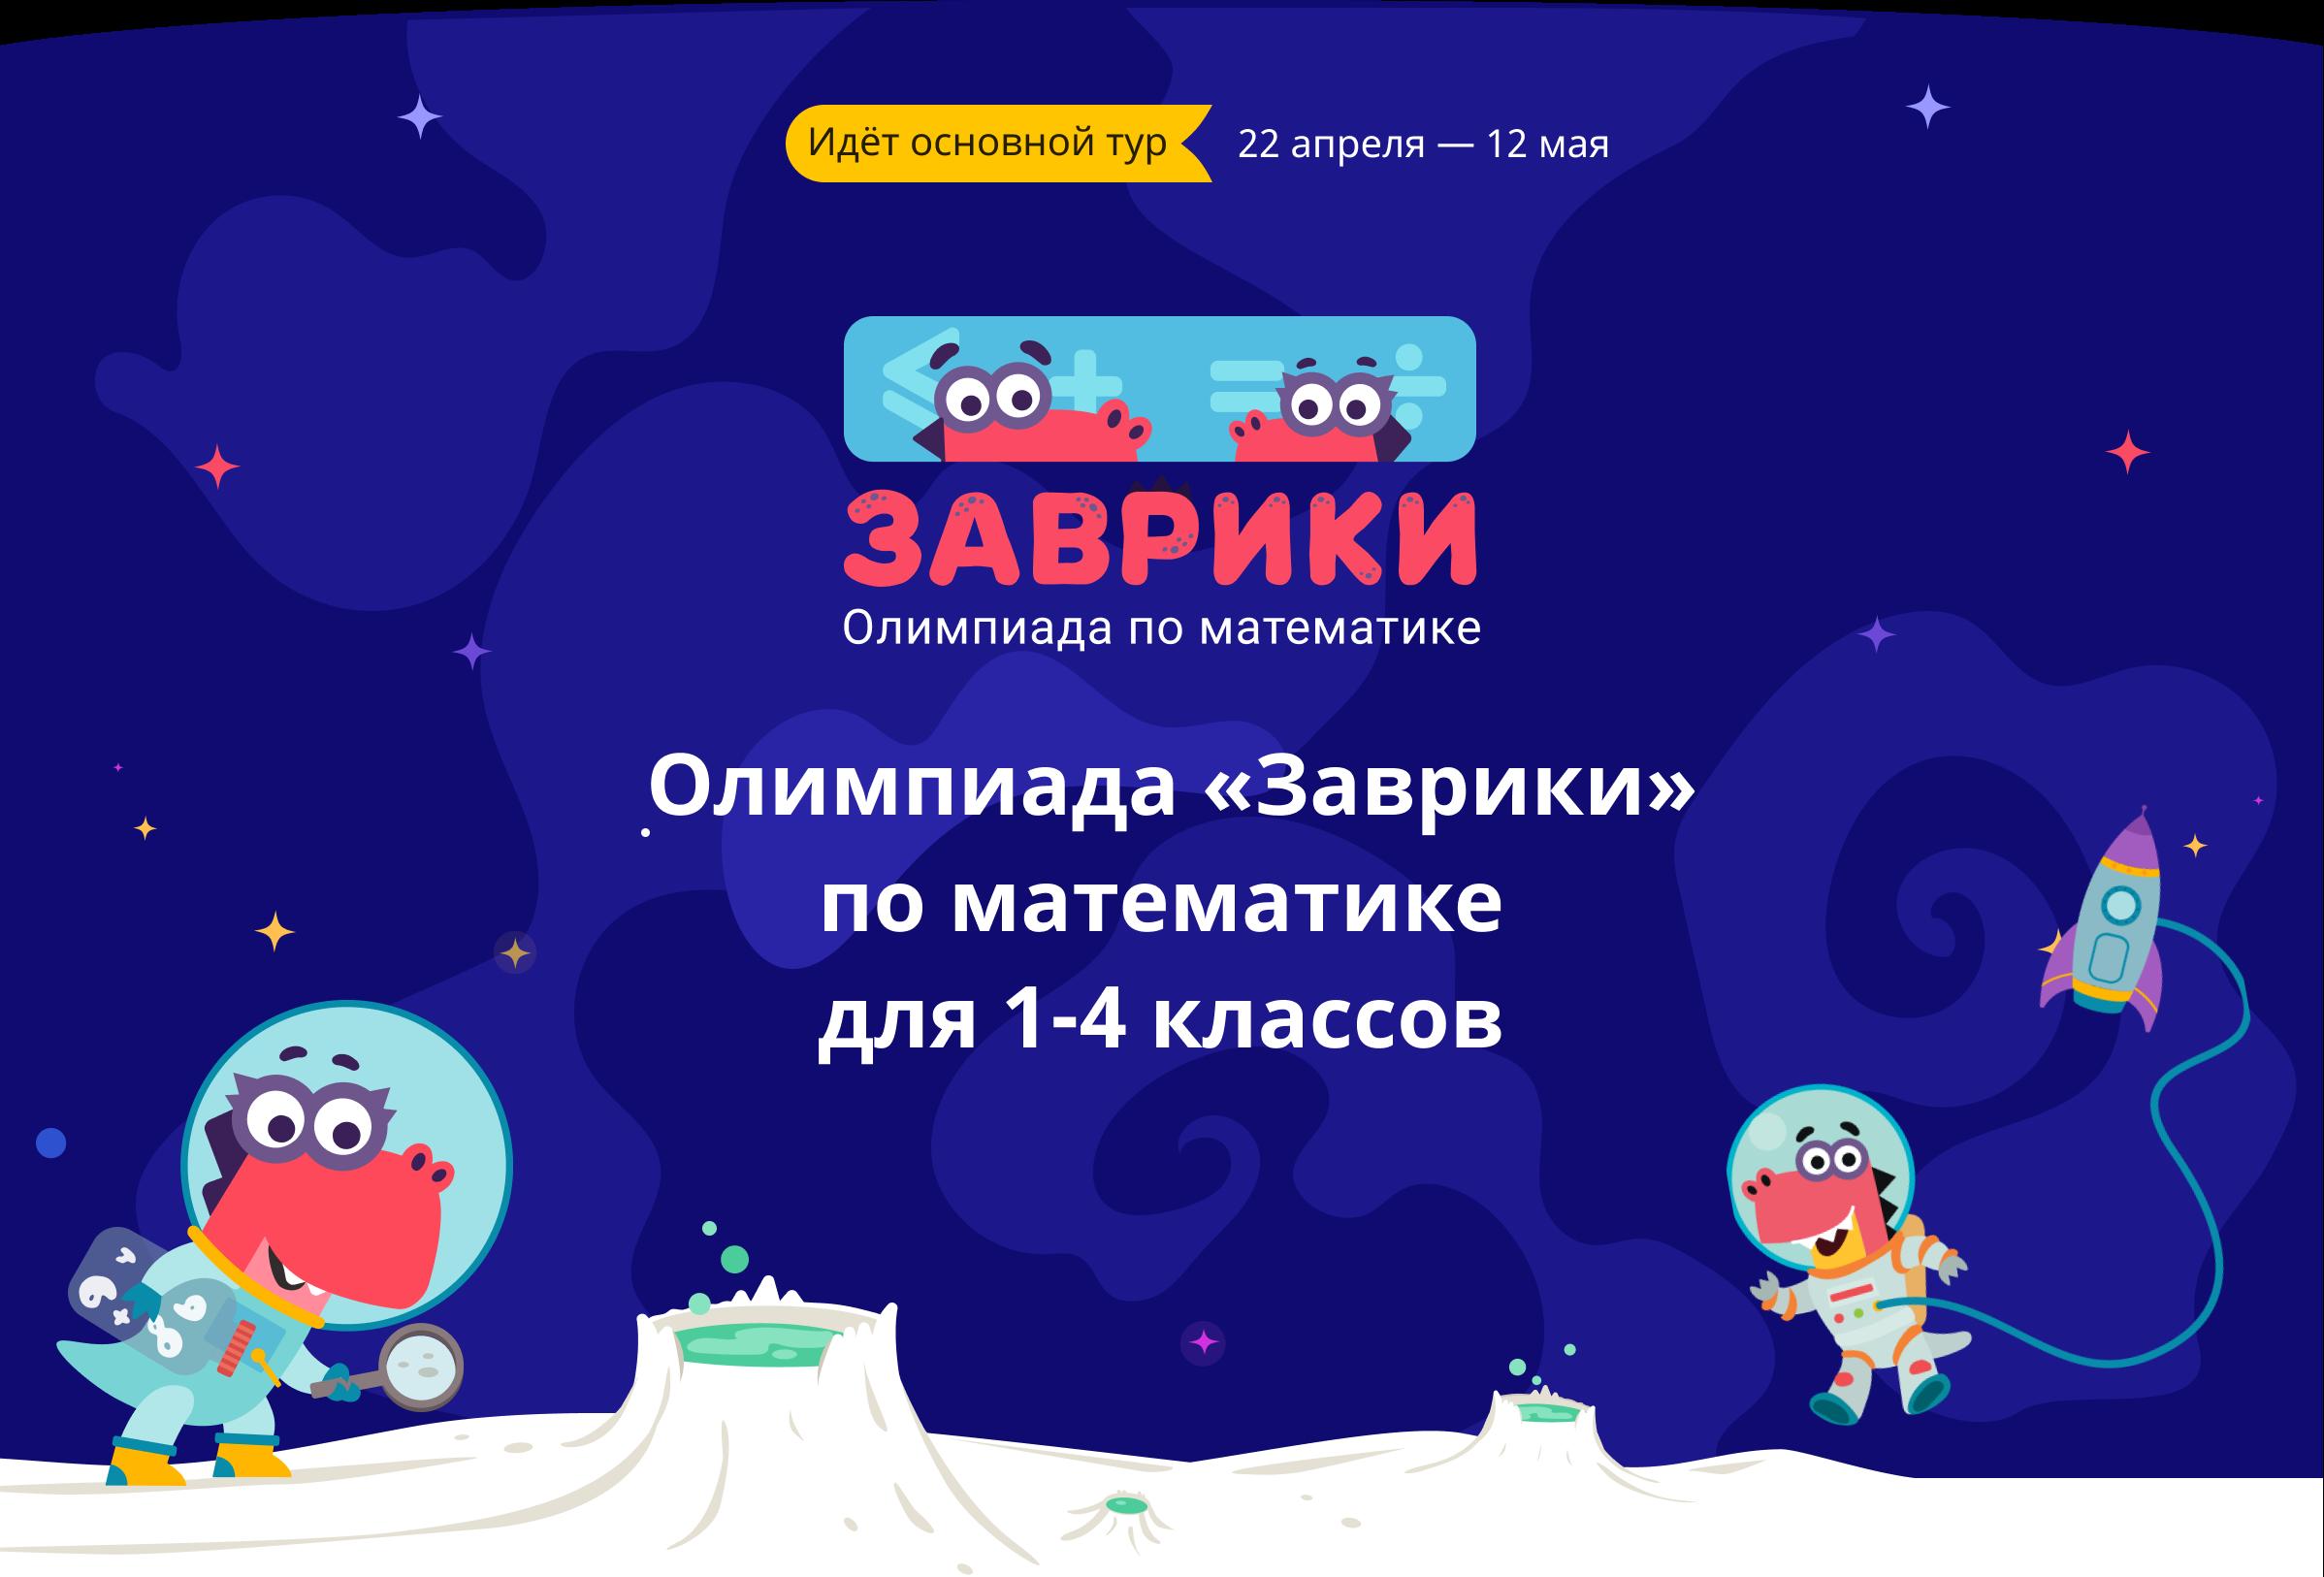 Бесплатная онлайн-олимпиада по математике для 1-4 классов | Присоединиться